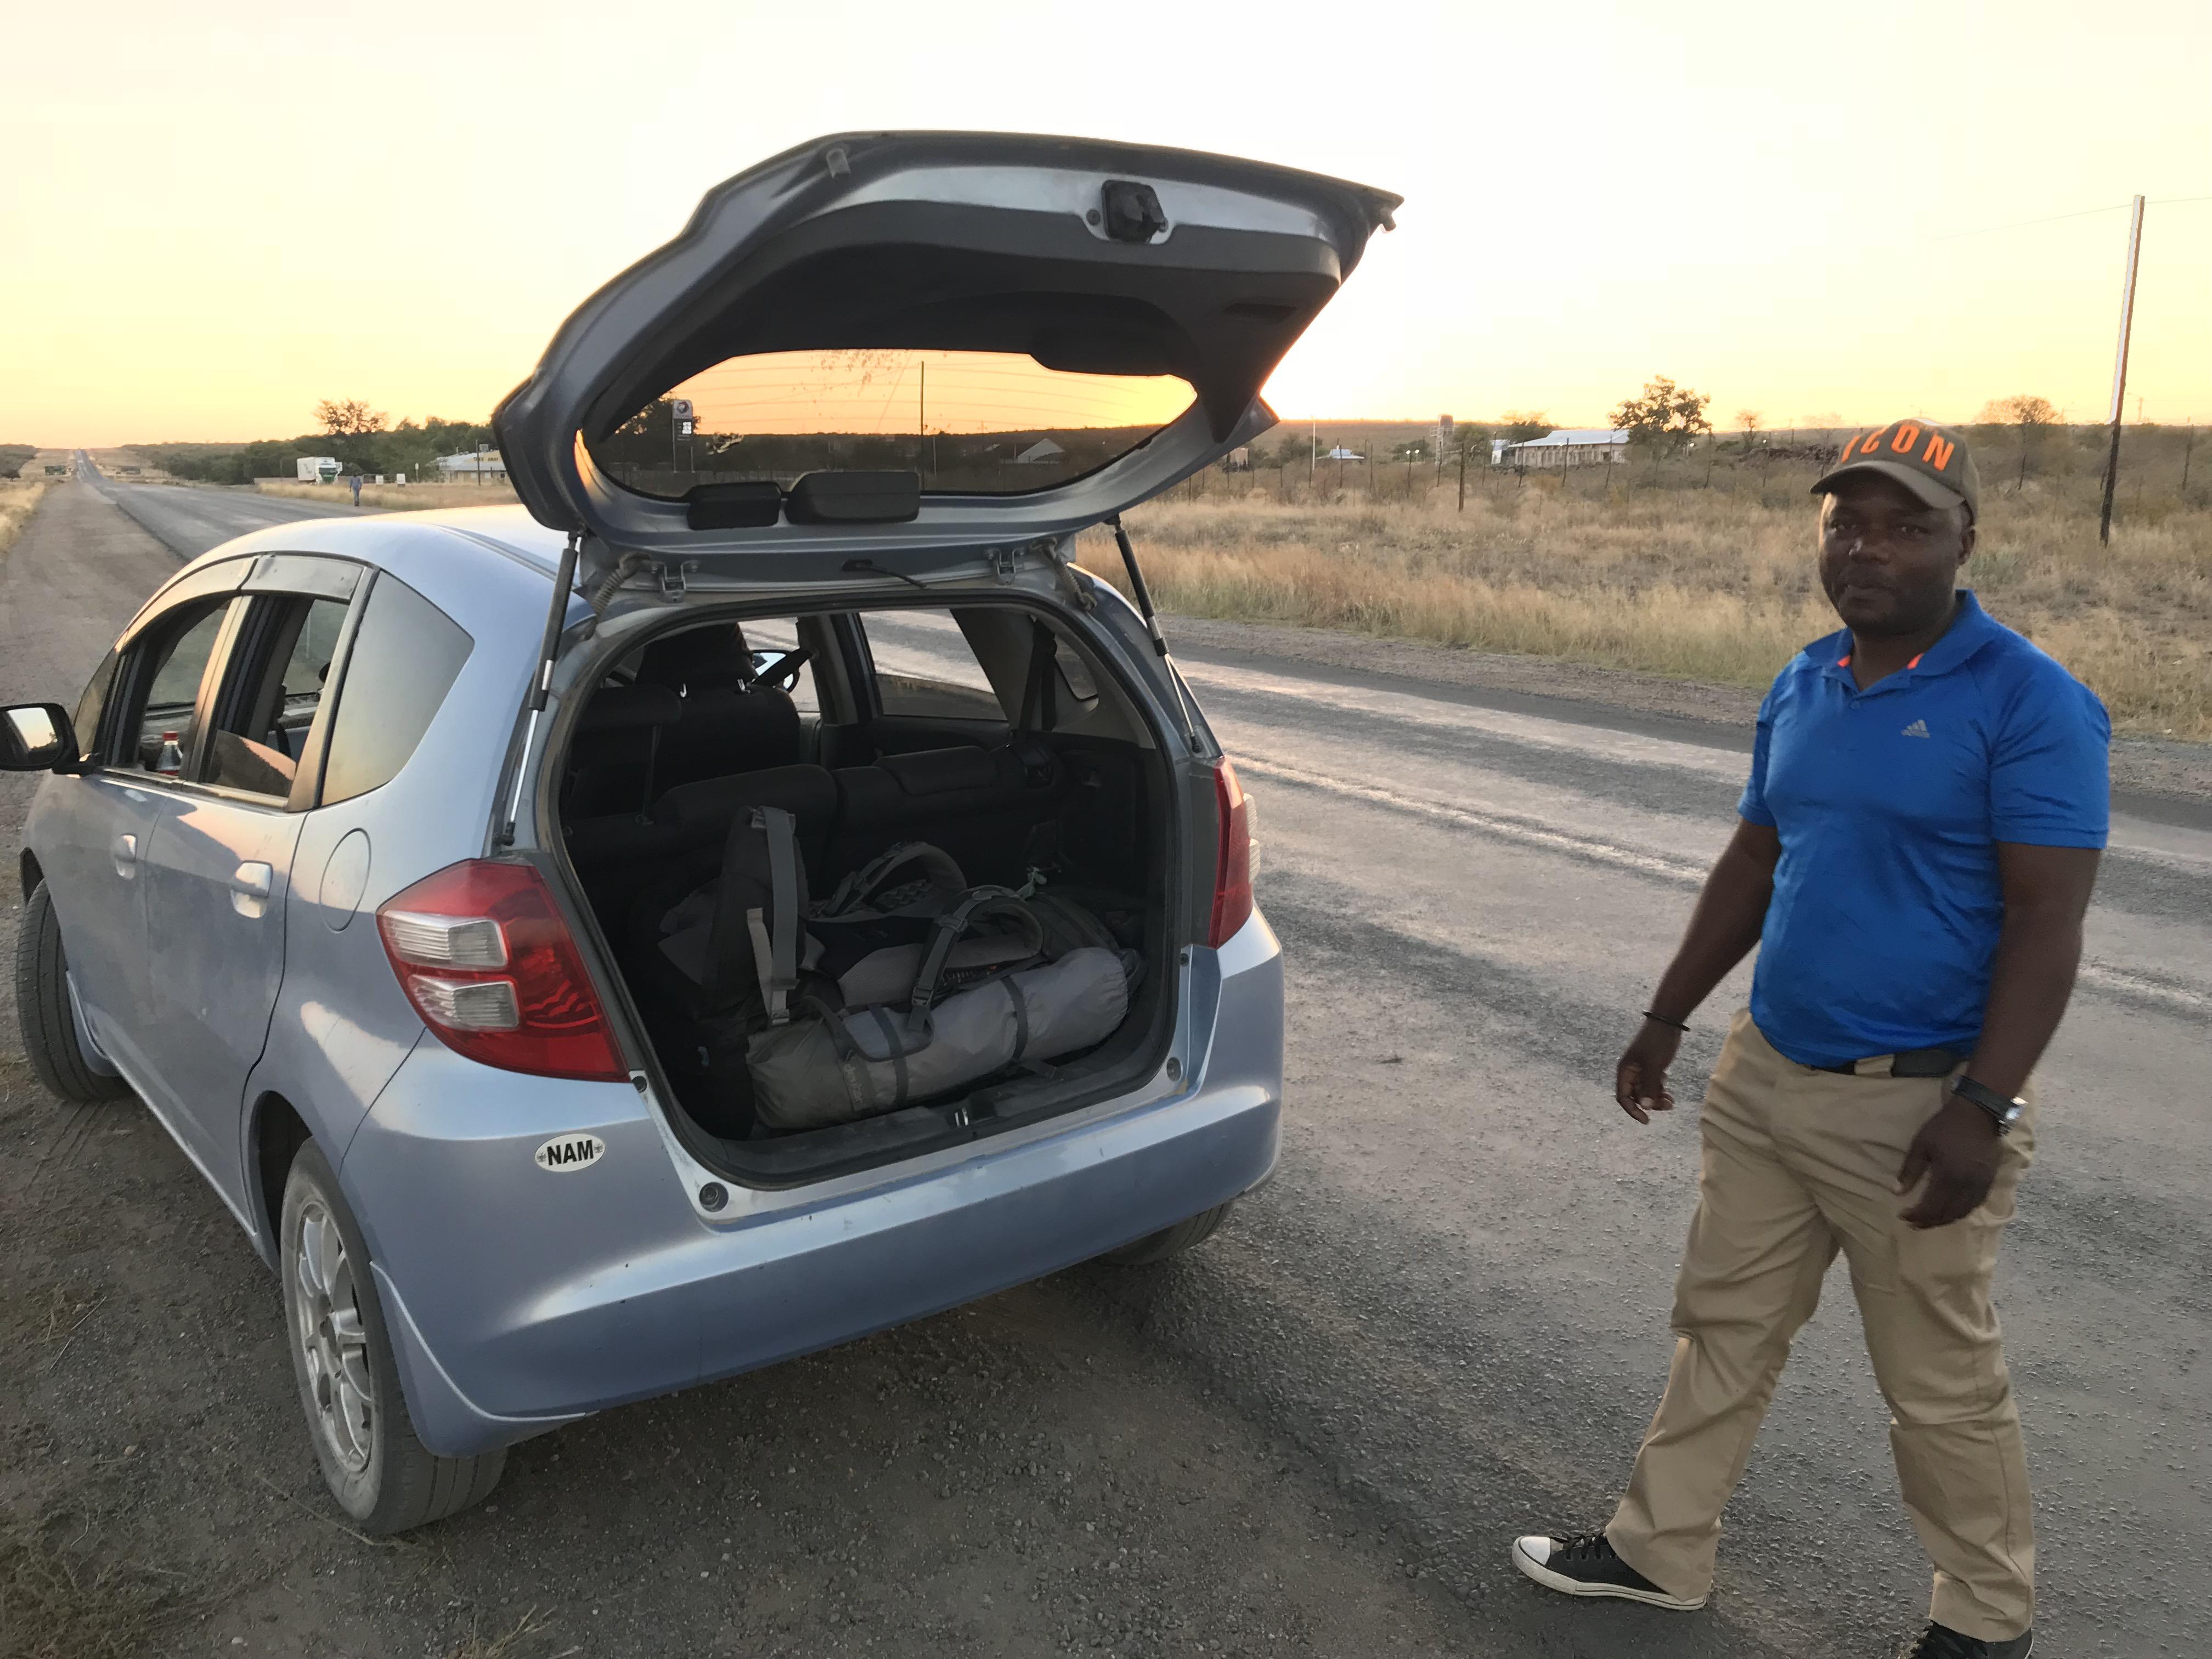 ナミビア国境抜けたところ